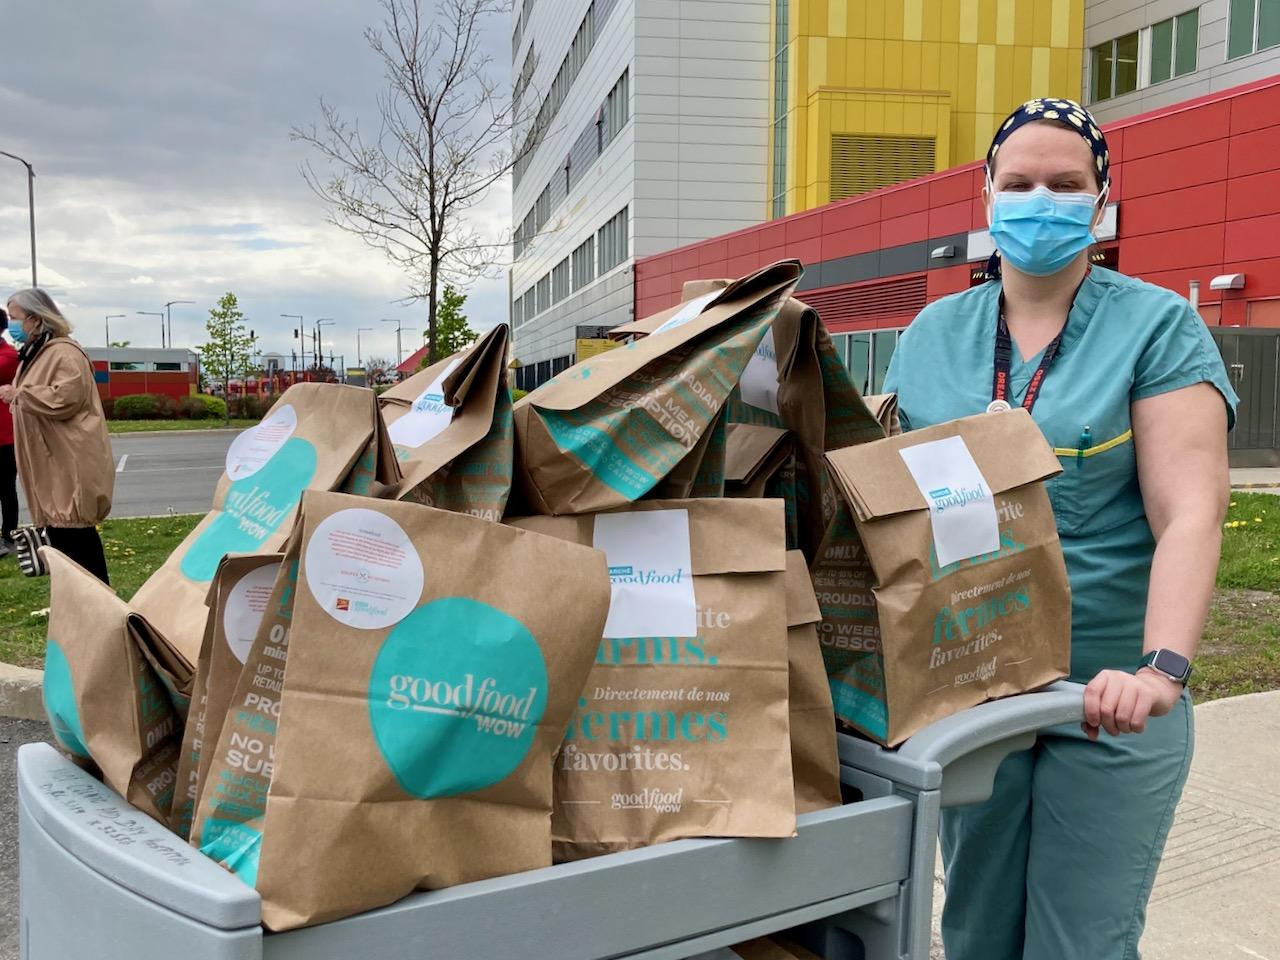 Image of nurses posing